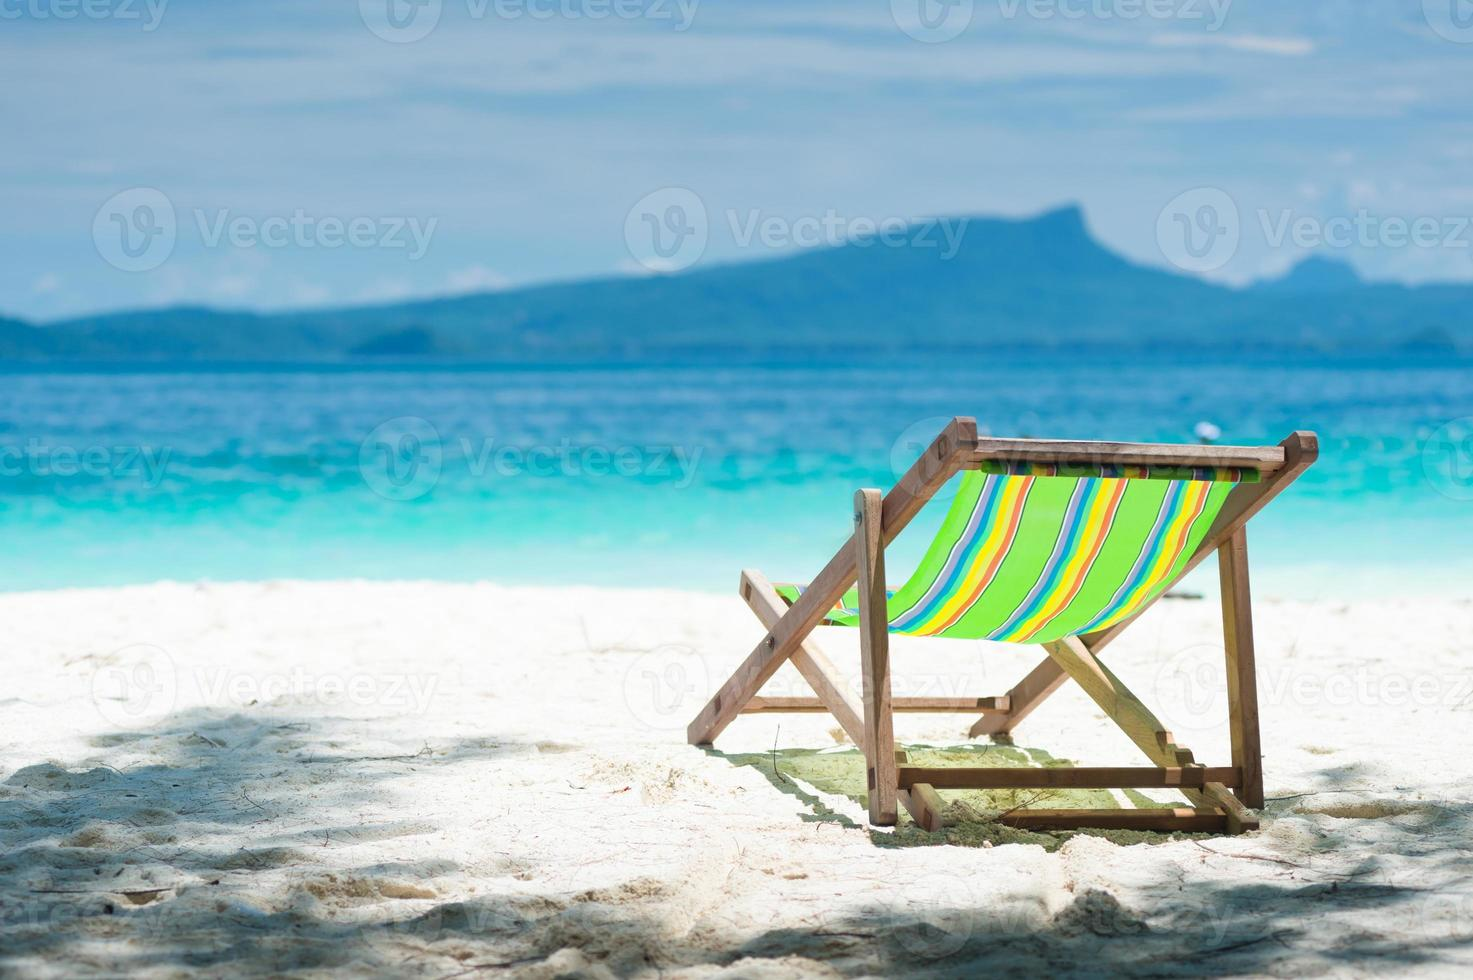 sillas de playa de colores, cielo azul claro. foto